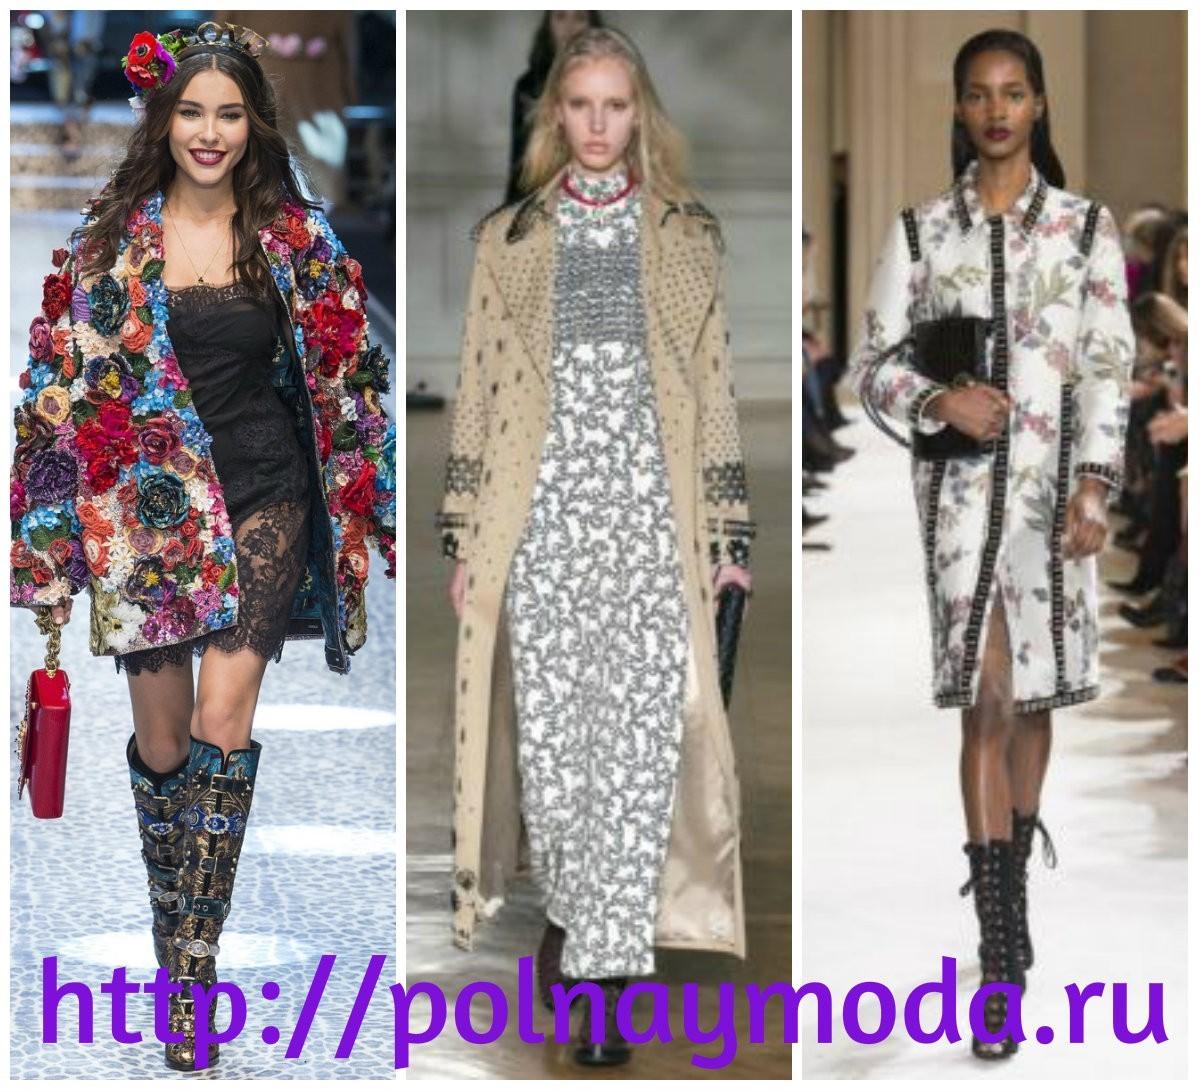 пальто с вышивкой гладью, цветы 3D аппликация, принтованное пальто мода осень зима 2017 2018